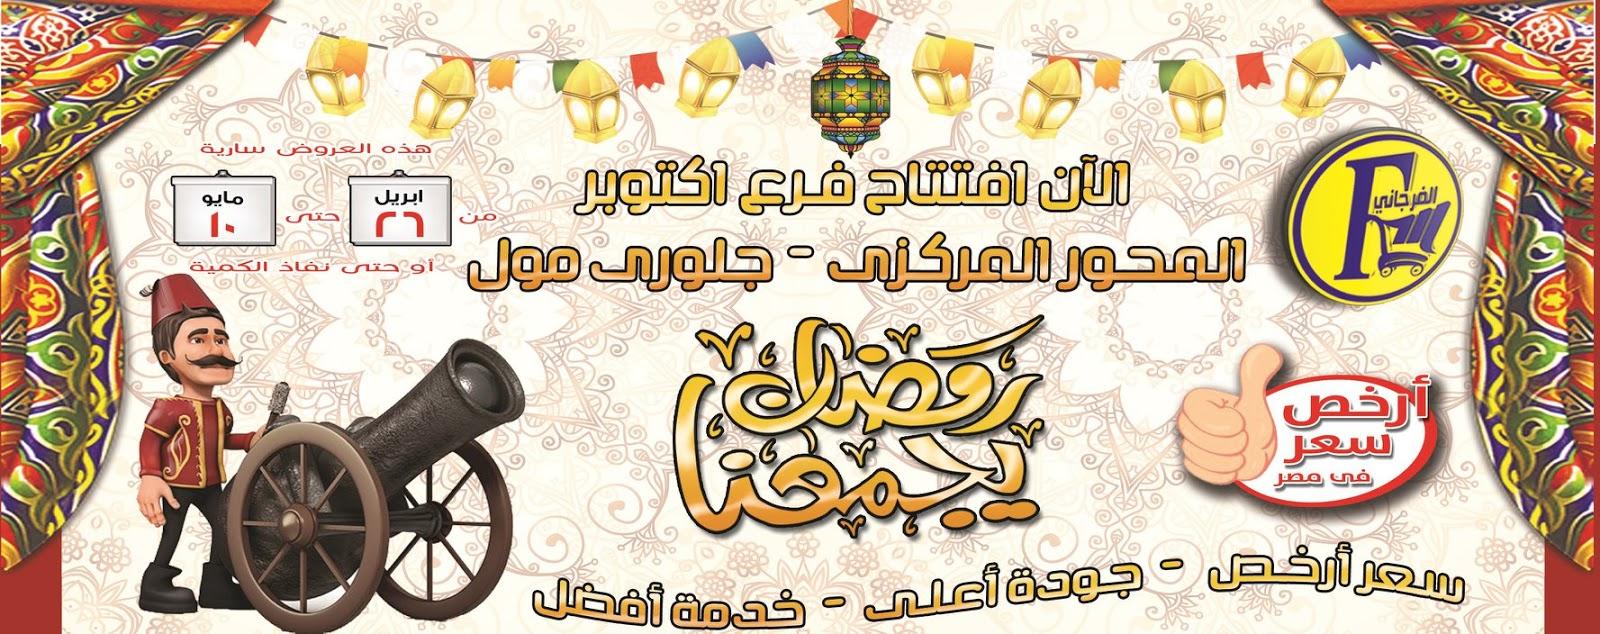 عروض الفرجانى رمضان كريم من 26 ابريل حتى 10 مايو 2020